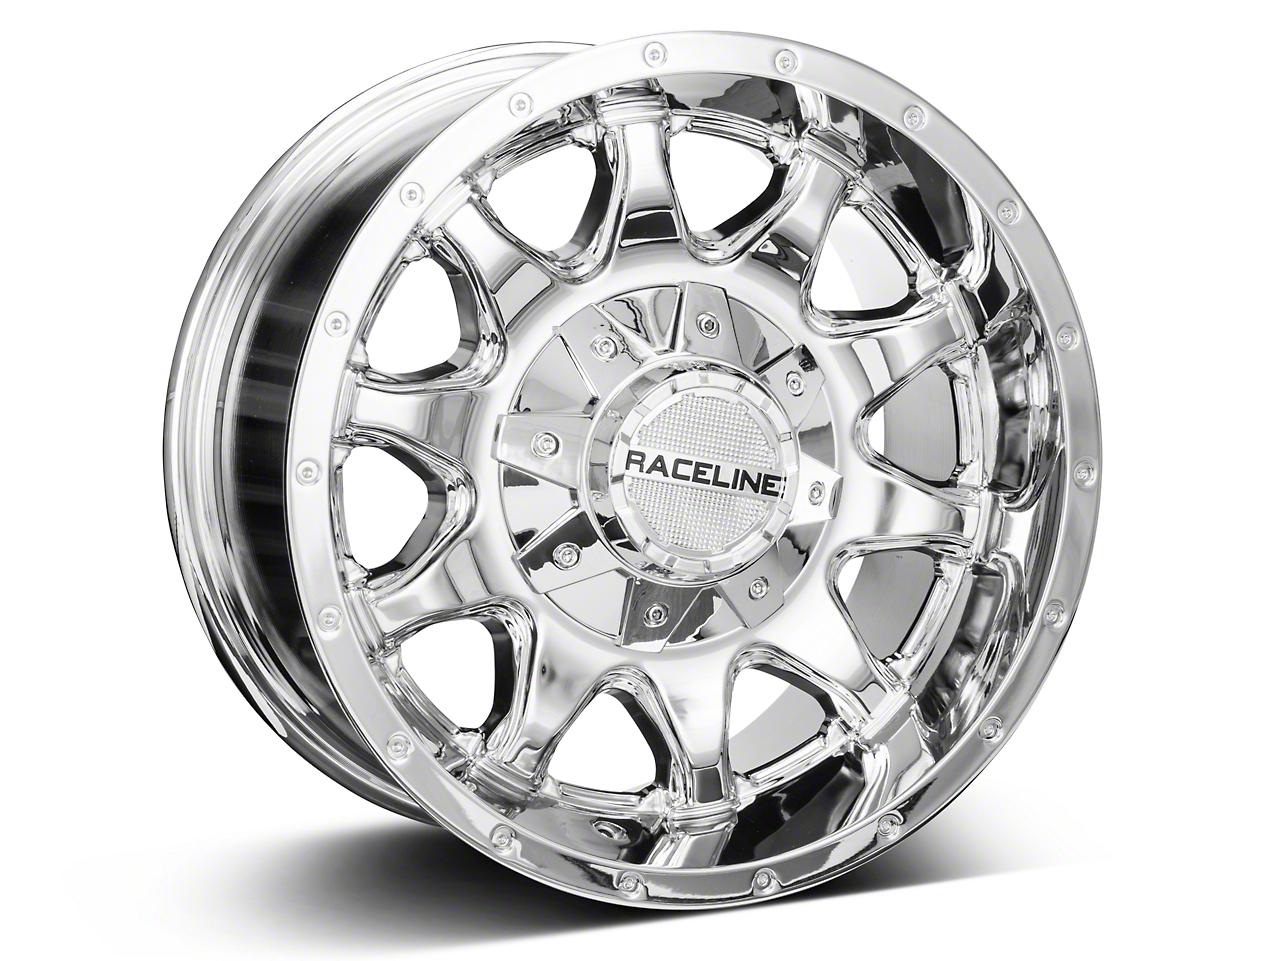 Raceline 930C Shift Chrome Wheel - 16x8 (07-18 Wrangler JK; 2018 Wrangler JL)